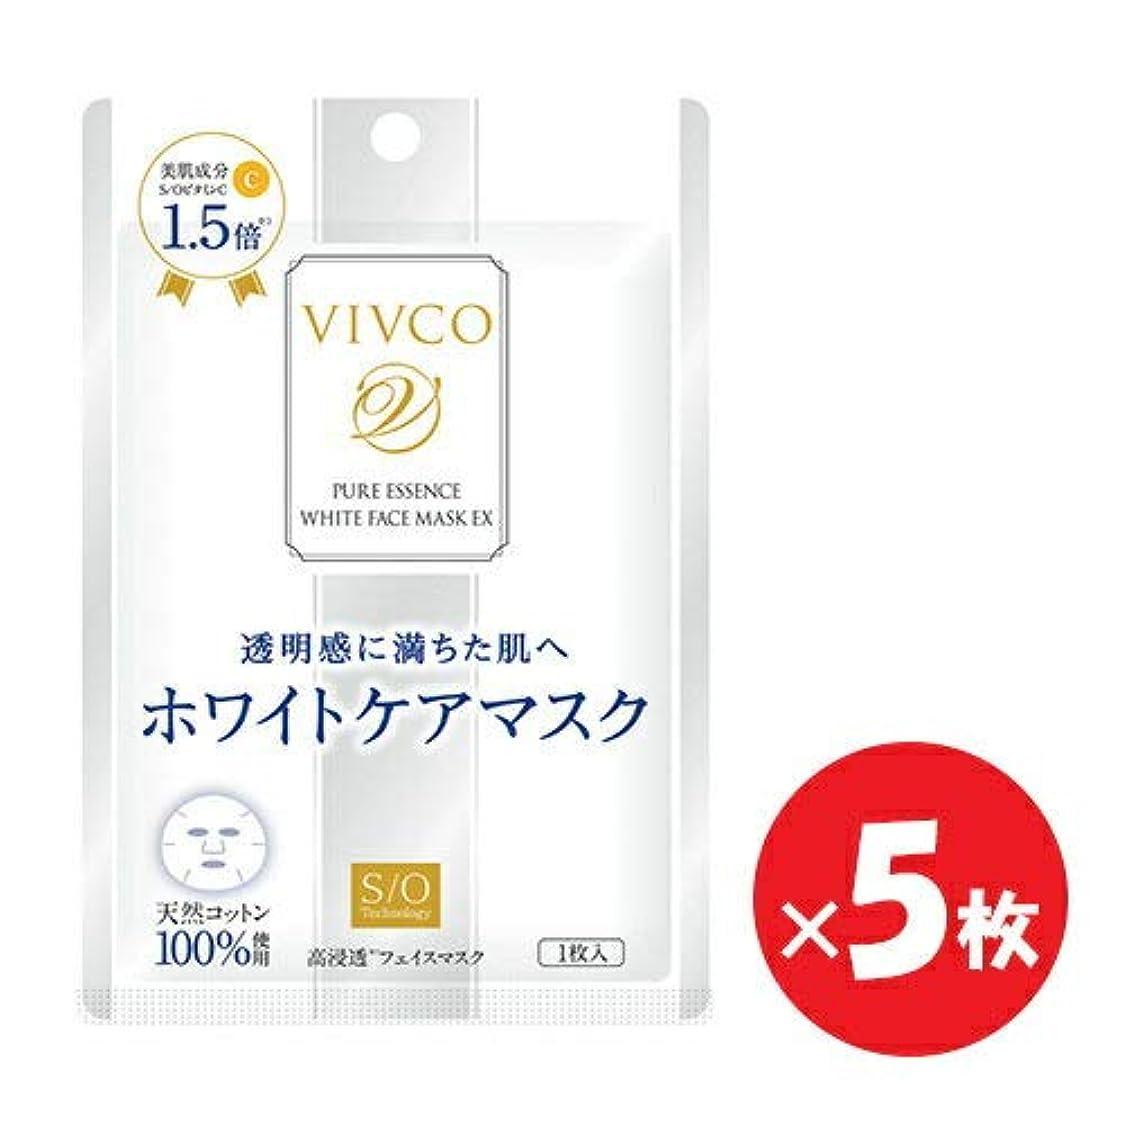 施し世紀創造VIVCO(ヴィヴコ) ピュアエッセンスホワイトフェイスマスク EX 5枚セット